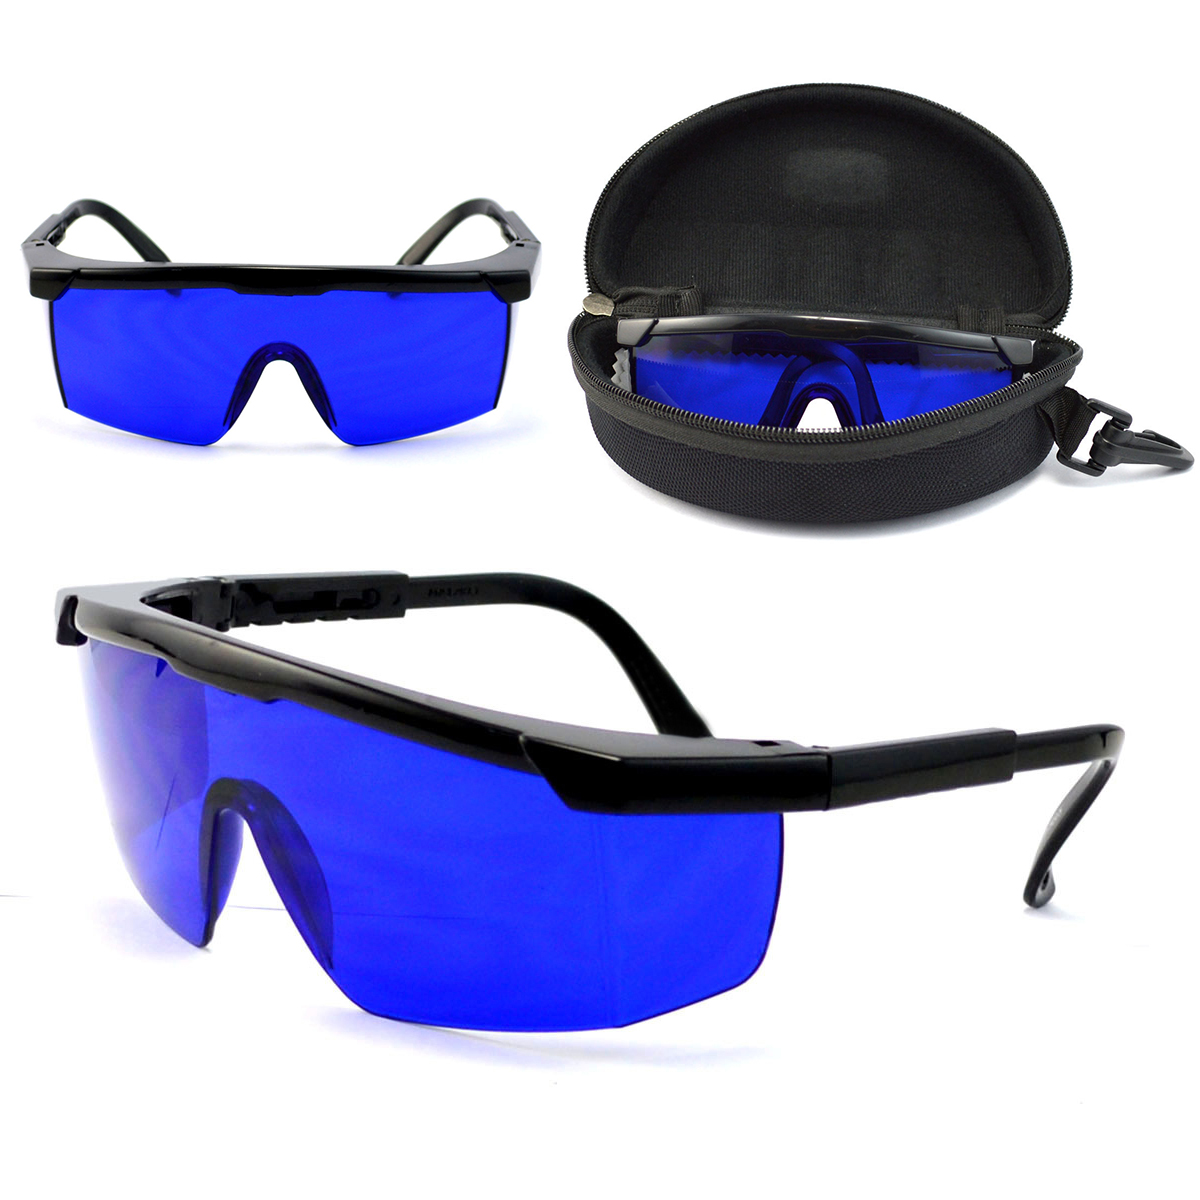 Mayitr Professionelle Golfball Finder Brille Augenschutz Golf Zubehör Blauen Linsen Sportbrillen Mit Box